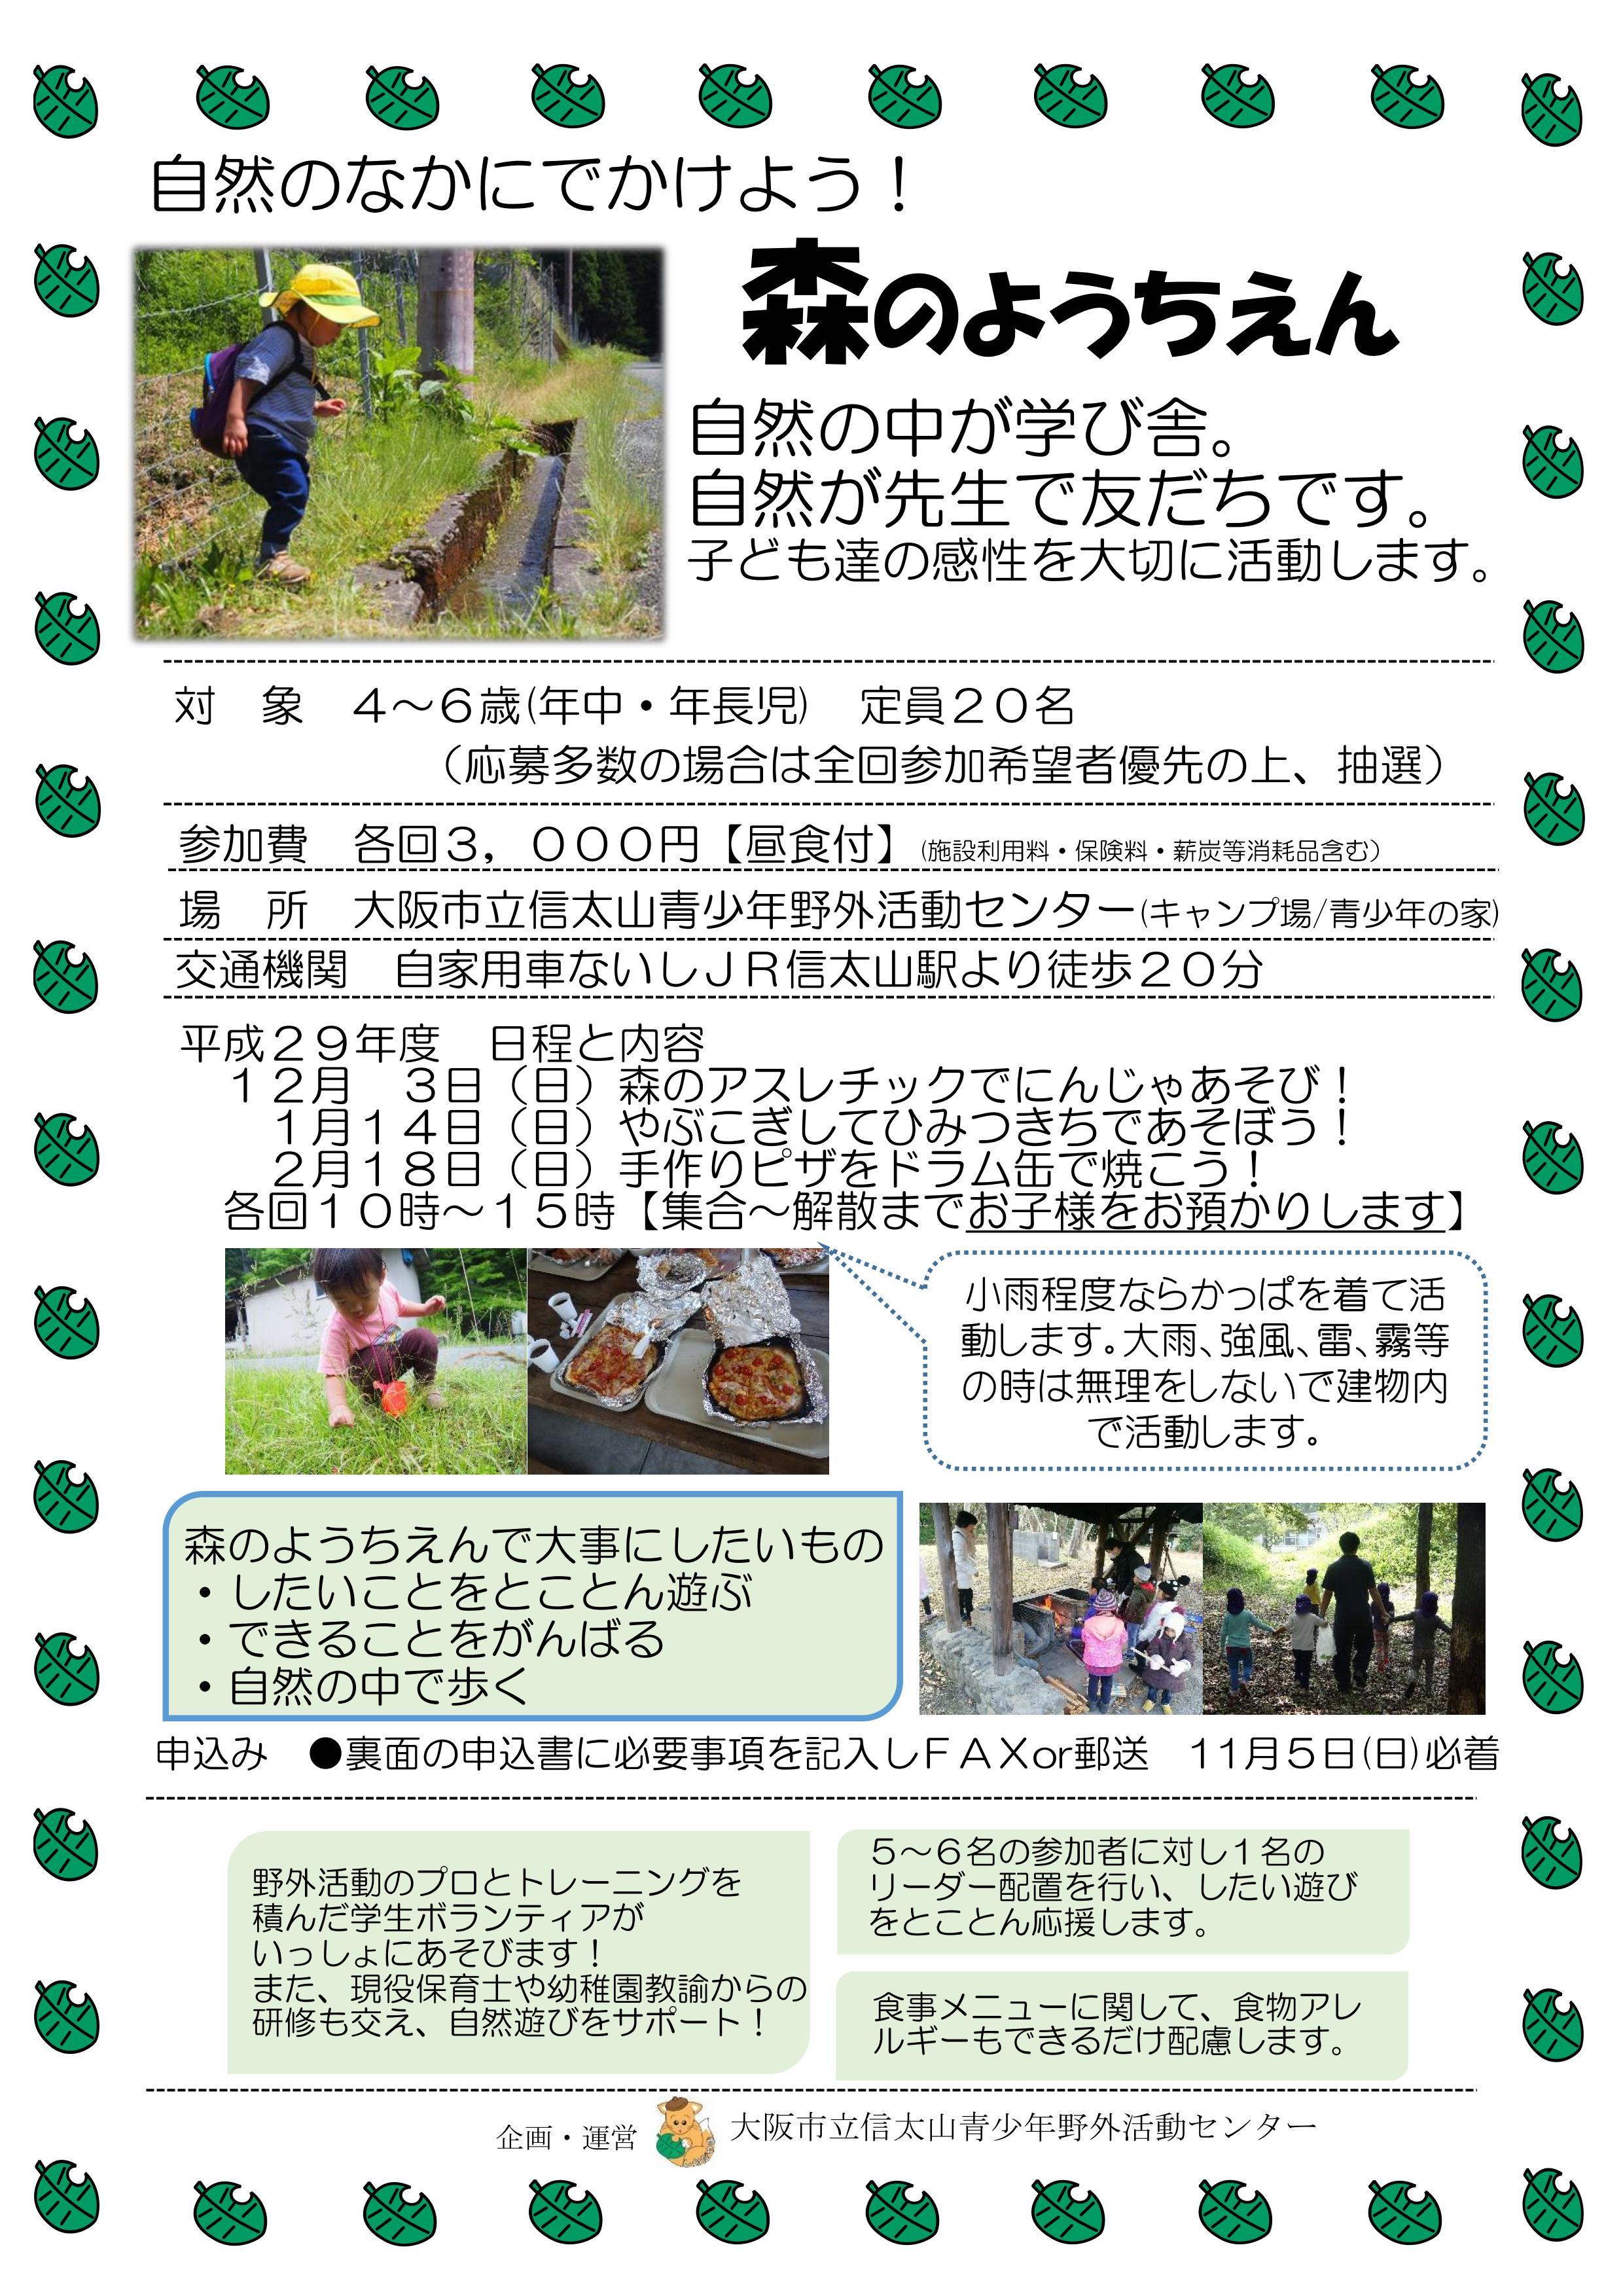 自然のなかにでかけよう!【森のようちえん】開催!!